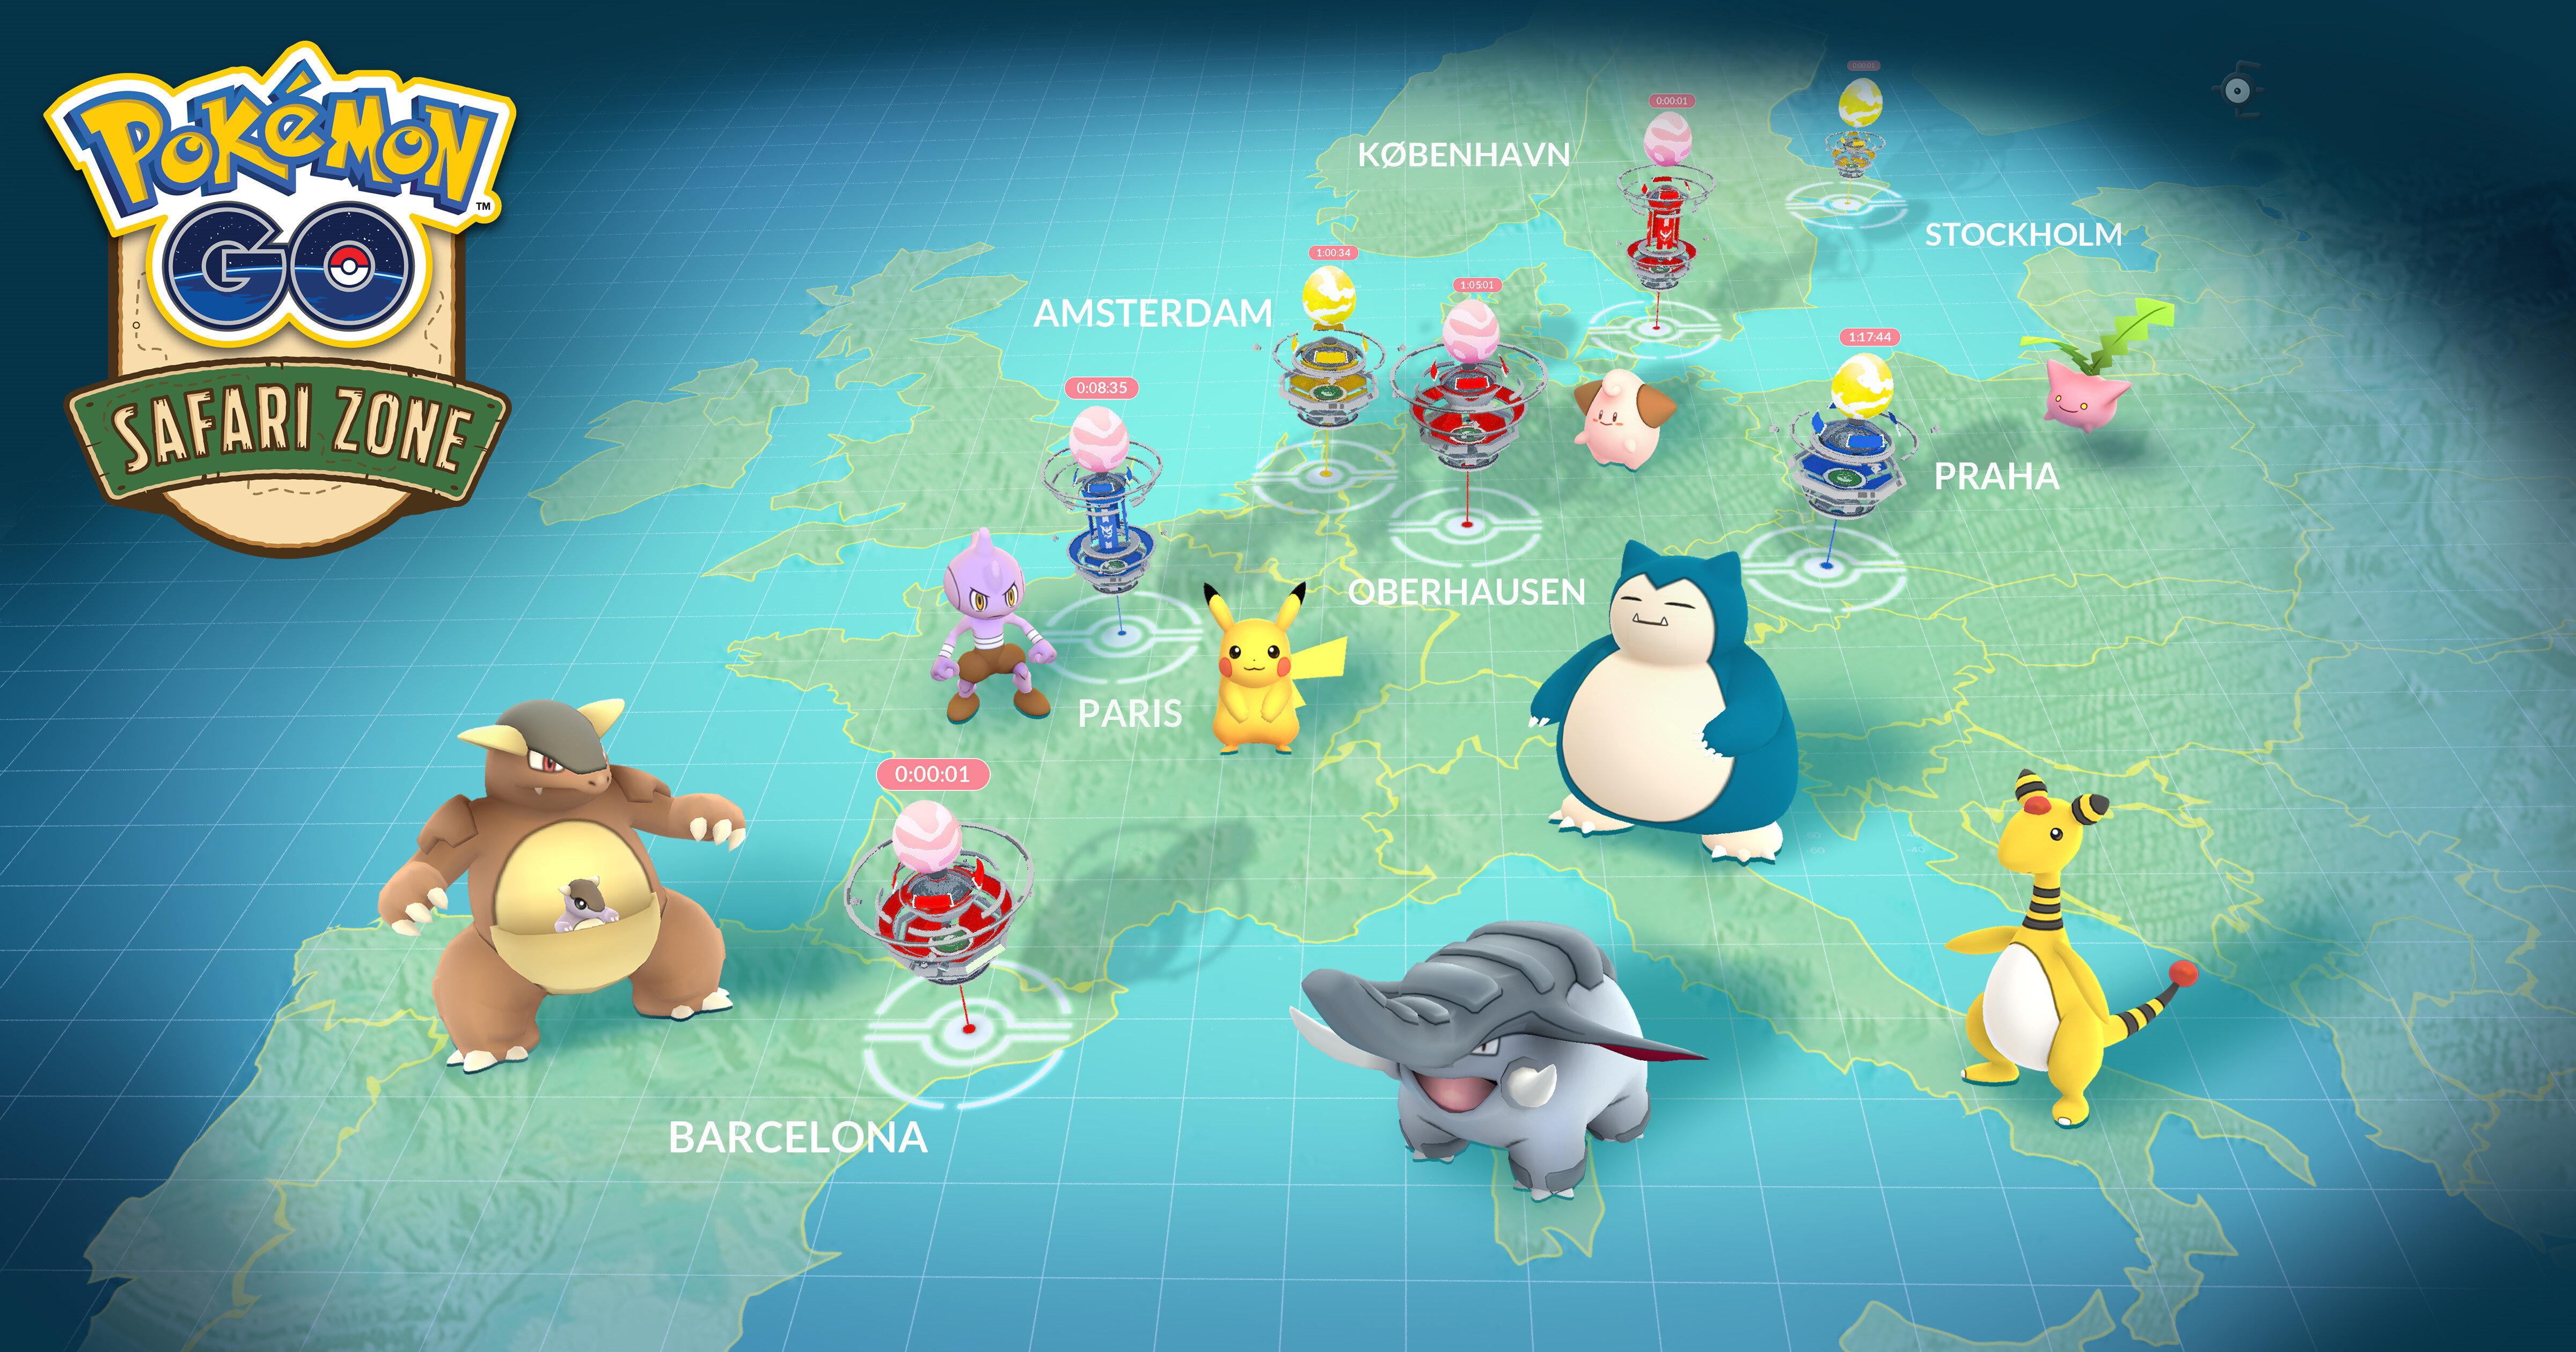 Eski popülaritesini kaybetmiş olsa da Pokemon Go, yeni oyun modlarıyla halen ilgi çekiyor. Safari Mode da bunlardan biri.